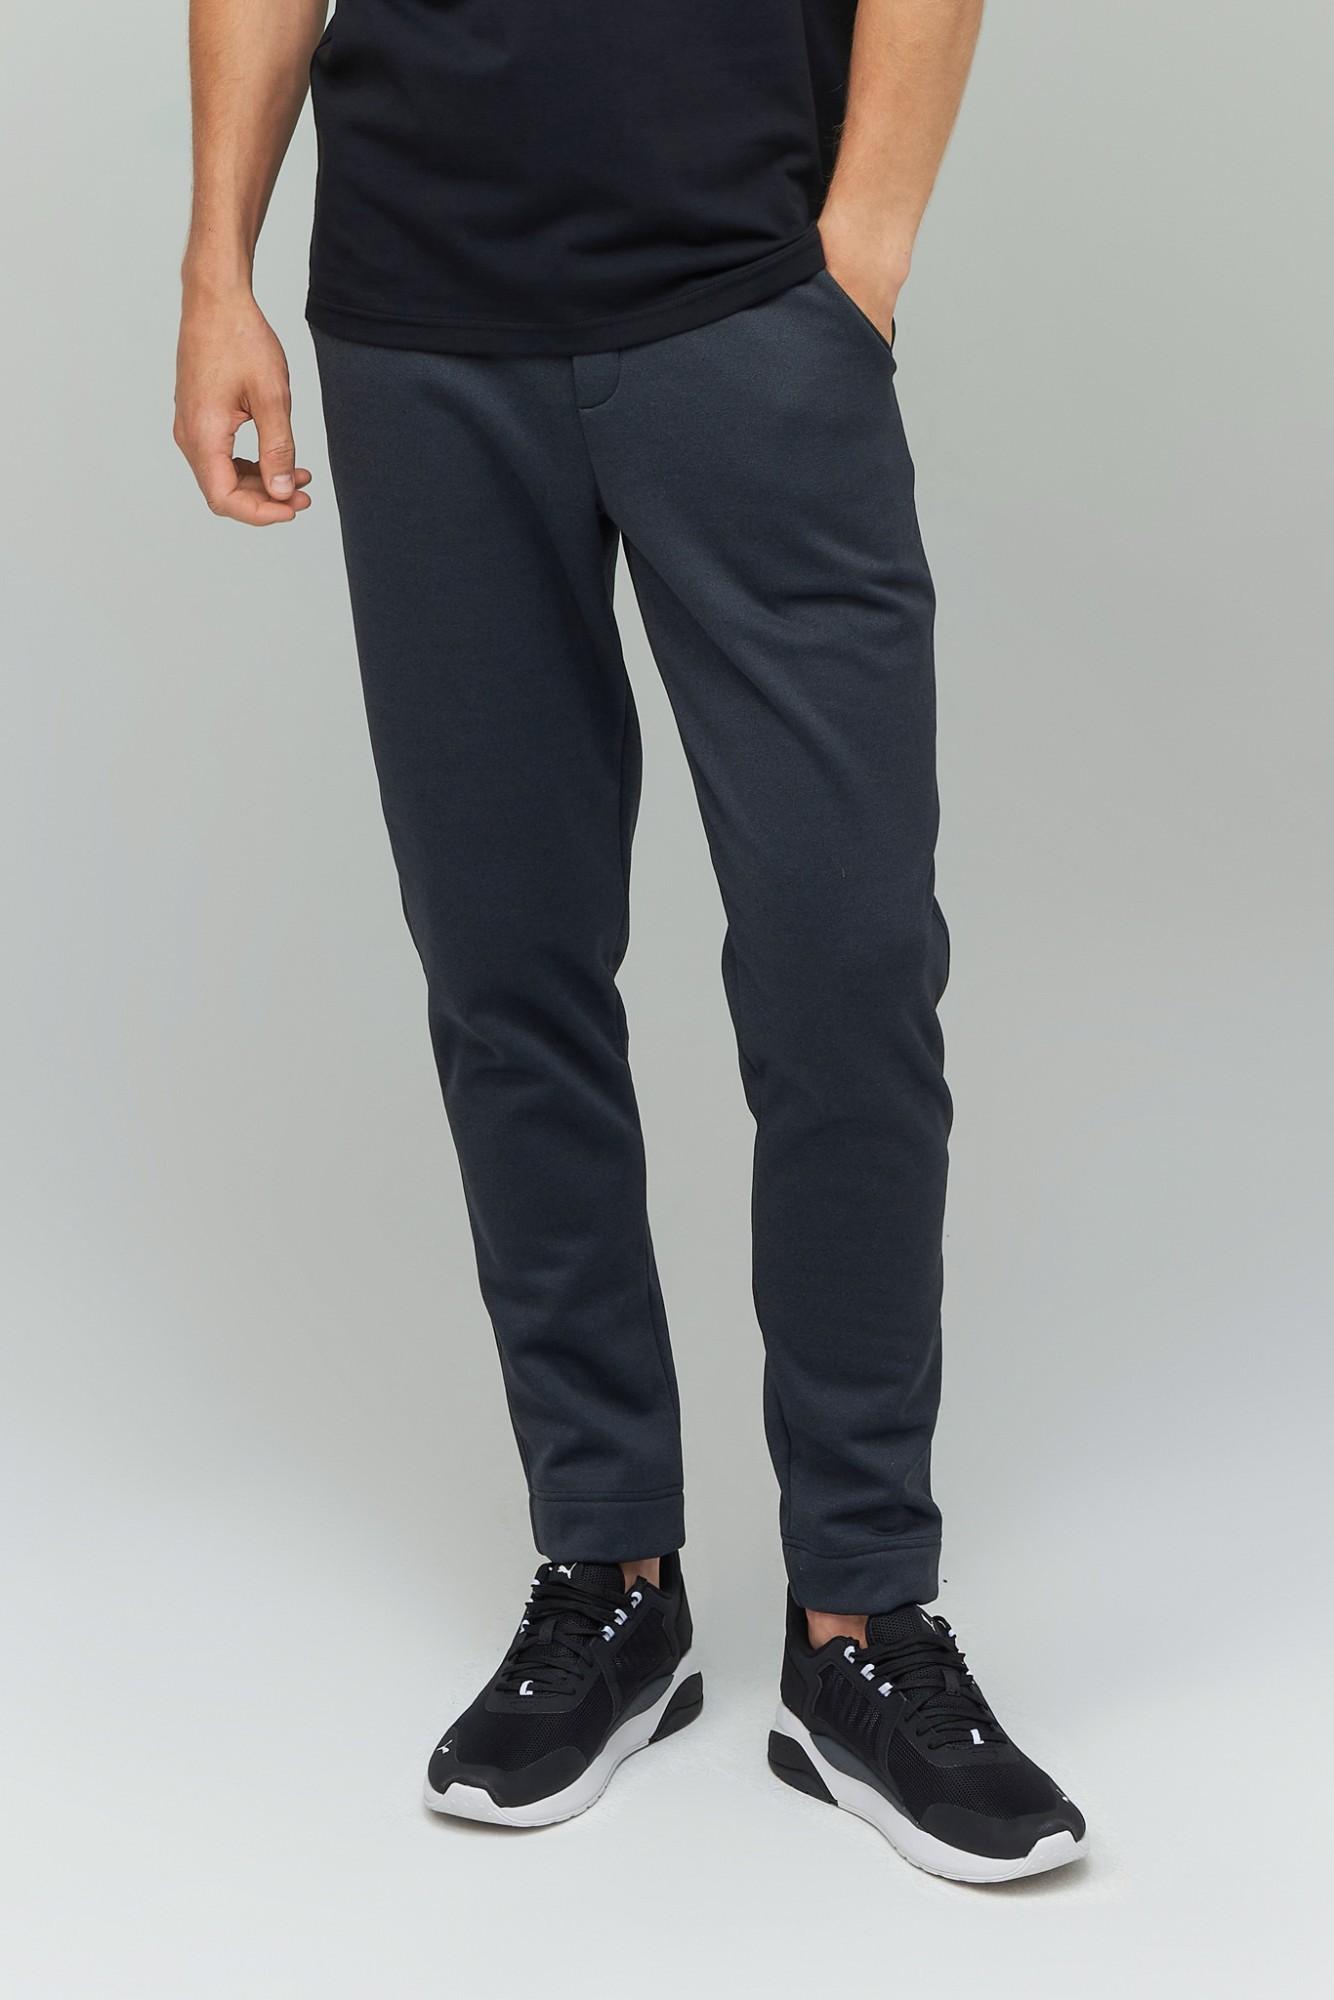 AUDIMAS Tiesaus sil. šiltos fliso kelnės 2021-415 Black Melange 192/L